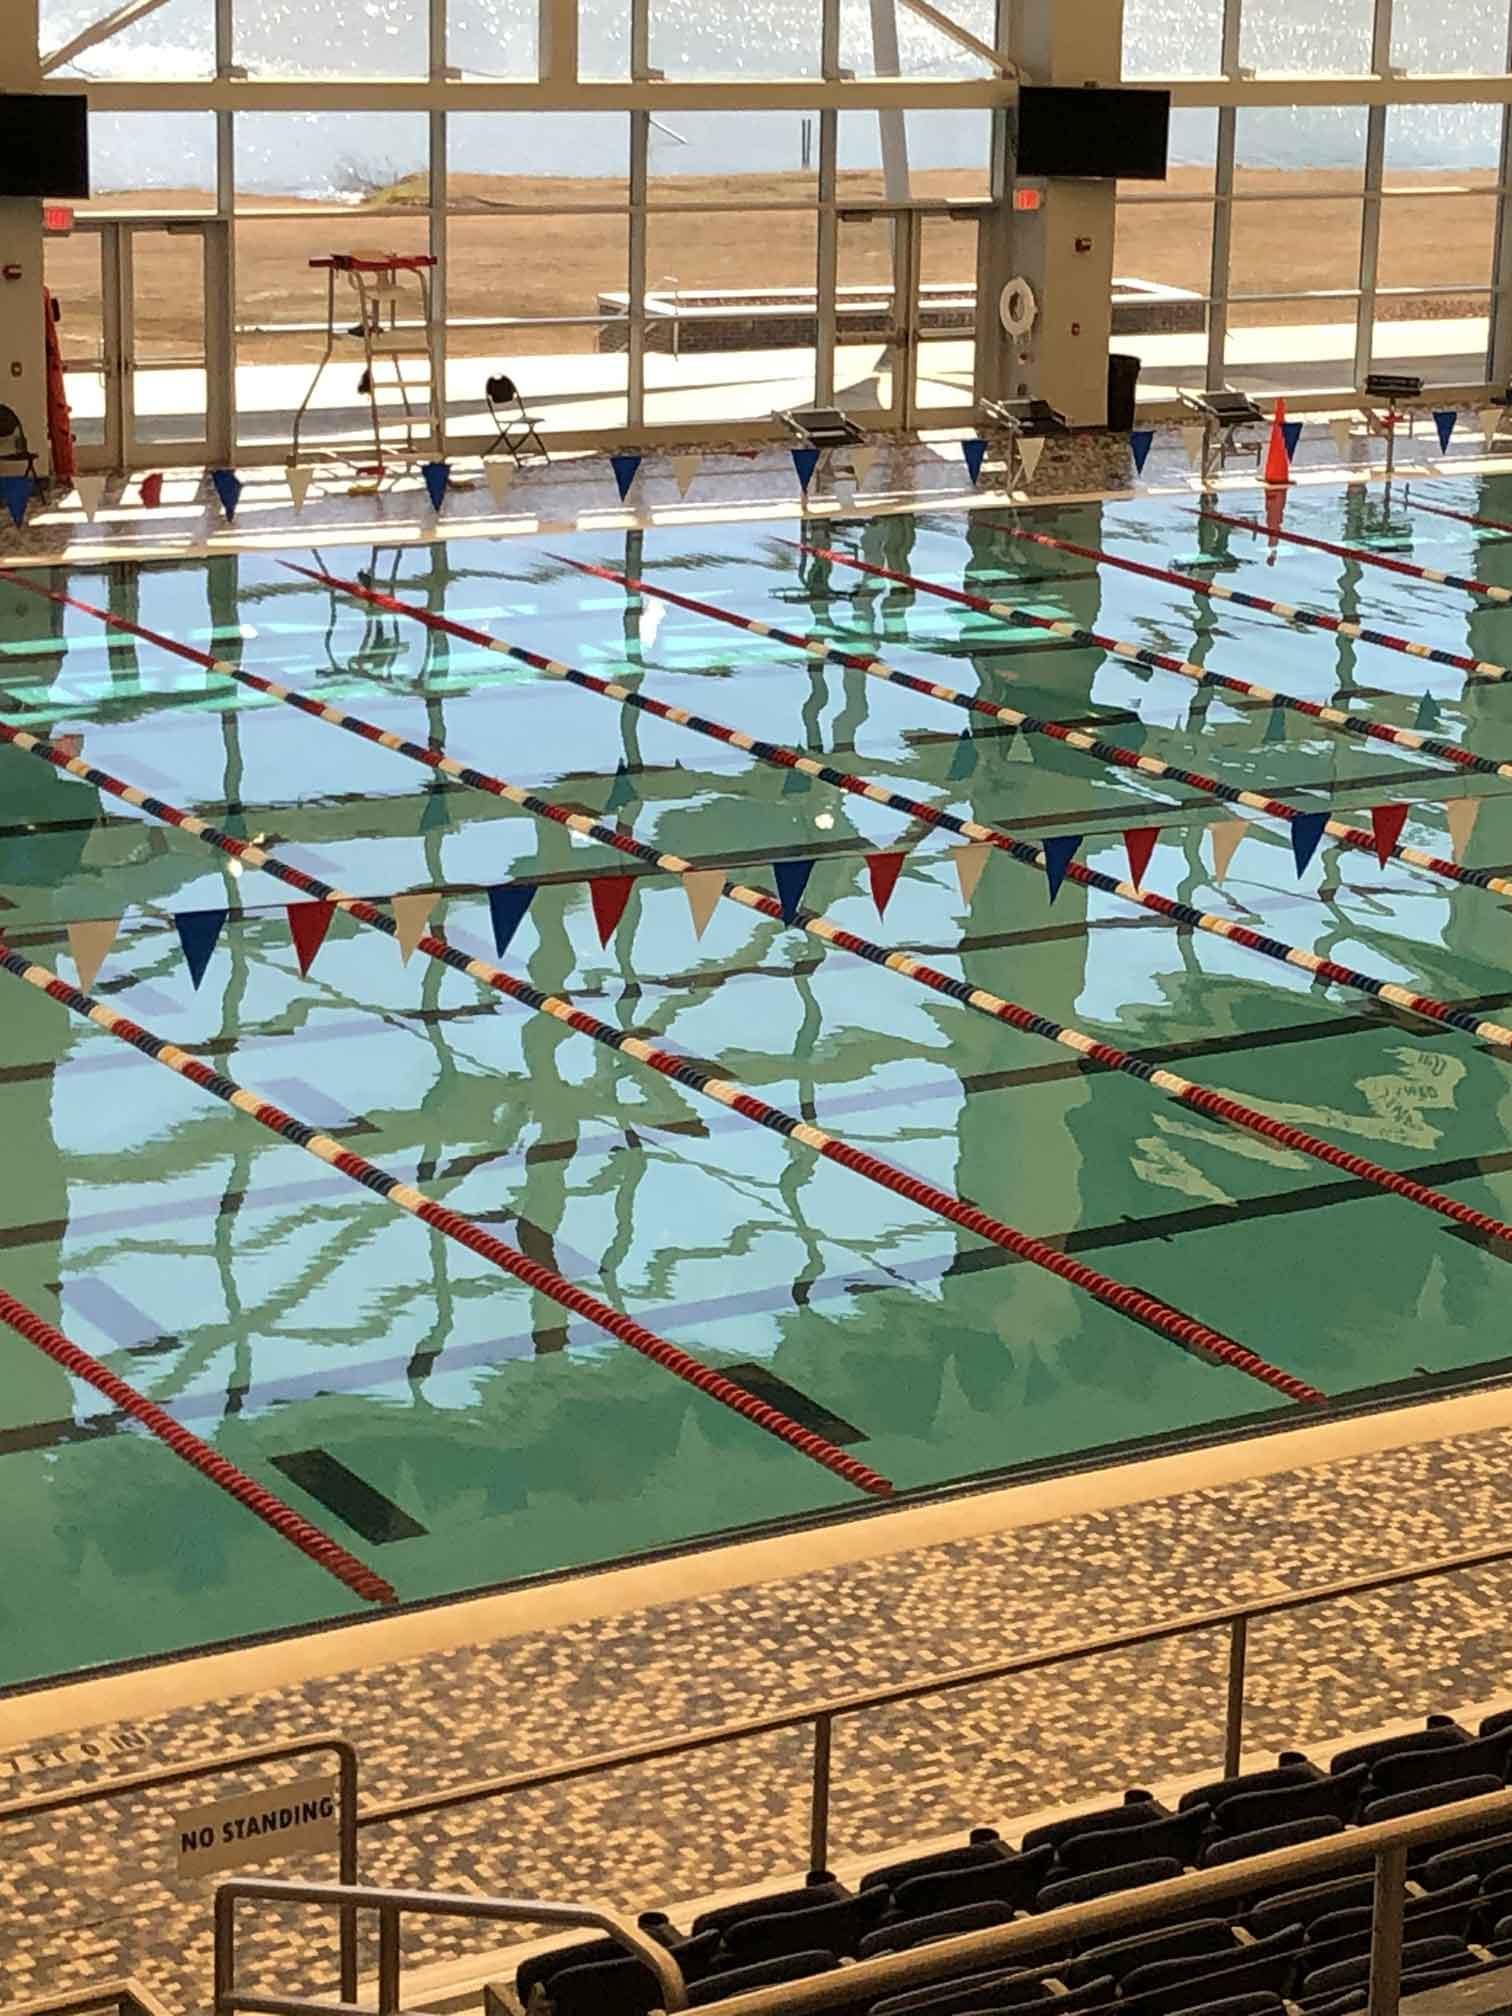 Huntsville aquatic pool & deck